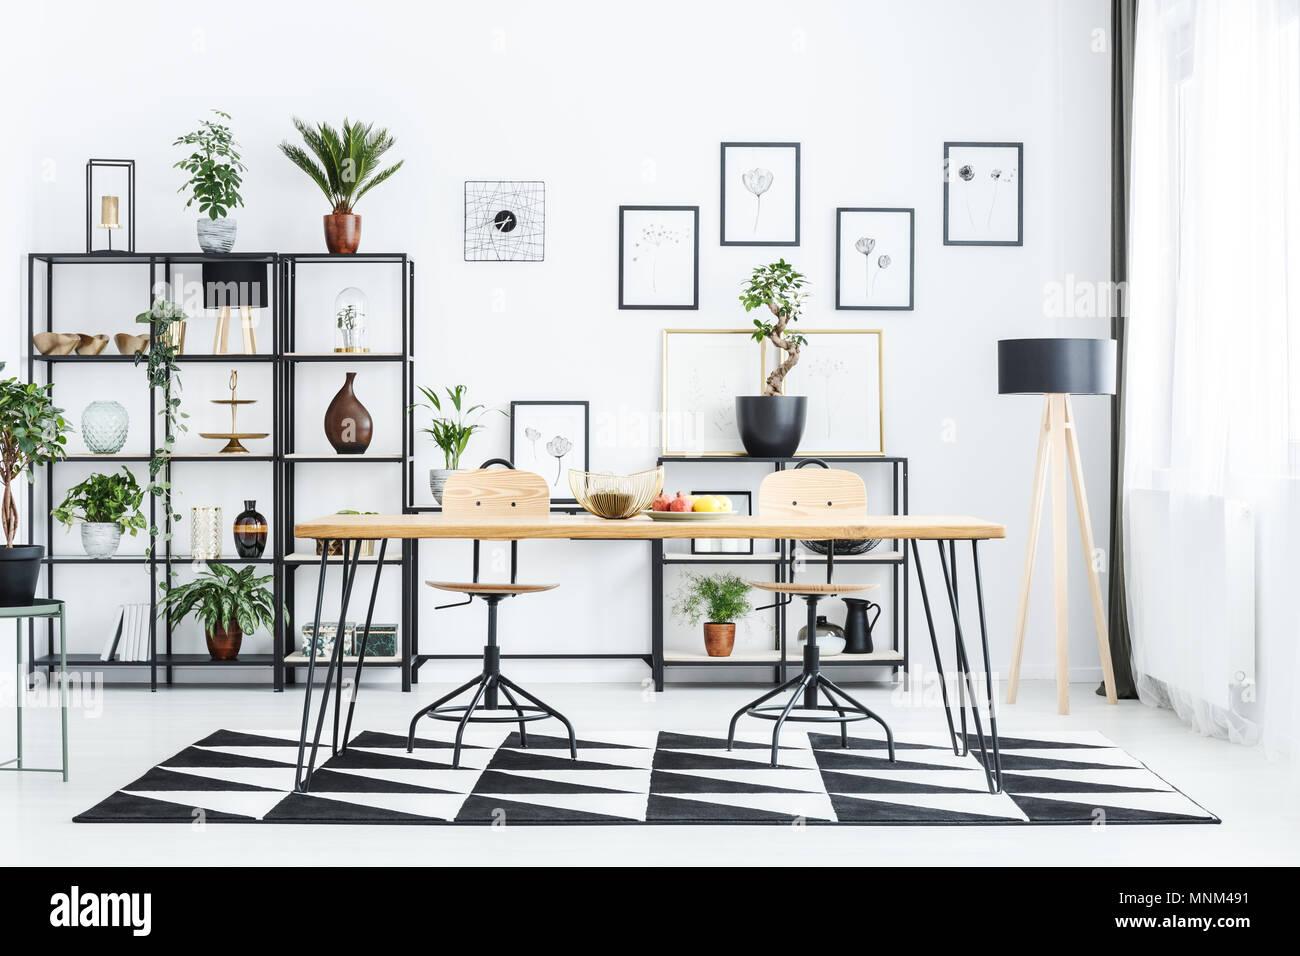 Sedia in legno a tavola sul tappeto geometrico in scandi sala da pranzo interno con lampada Immagini Stock